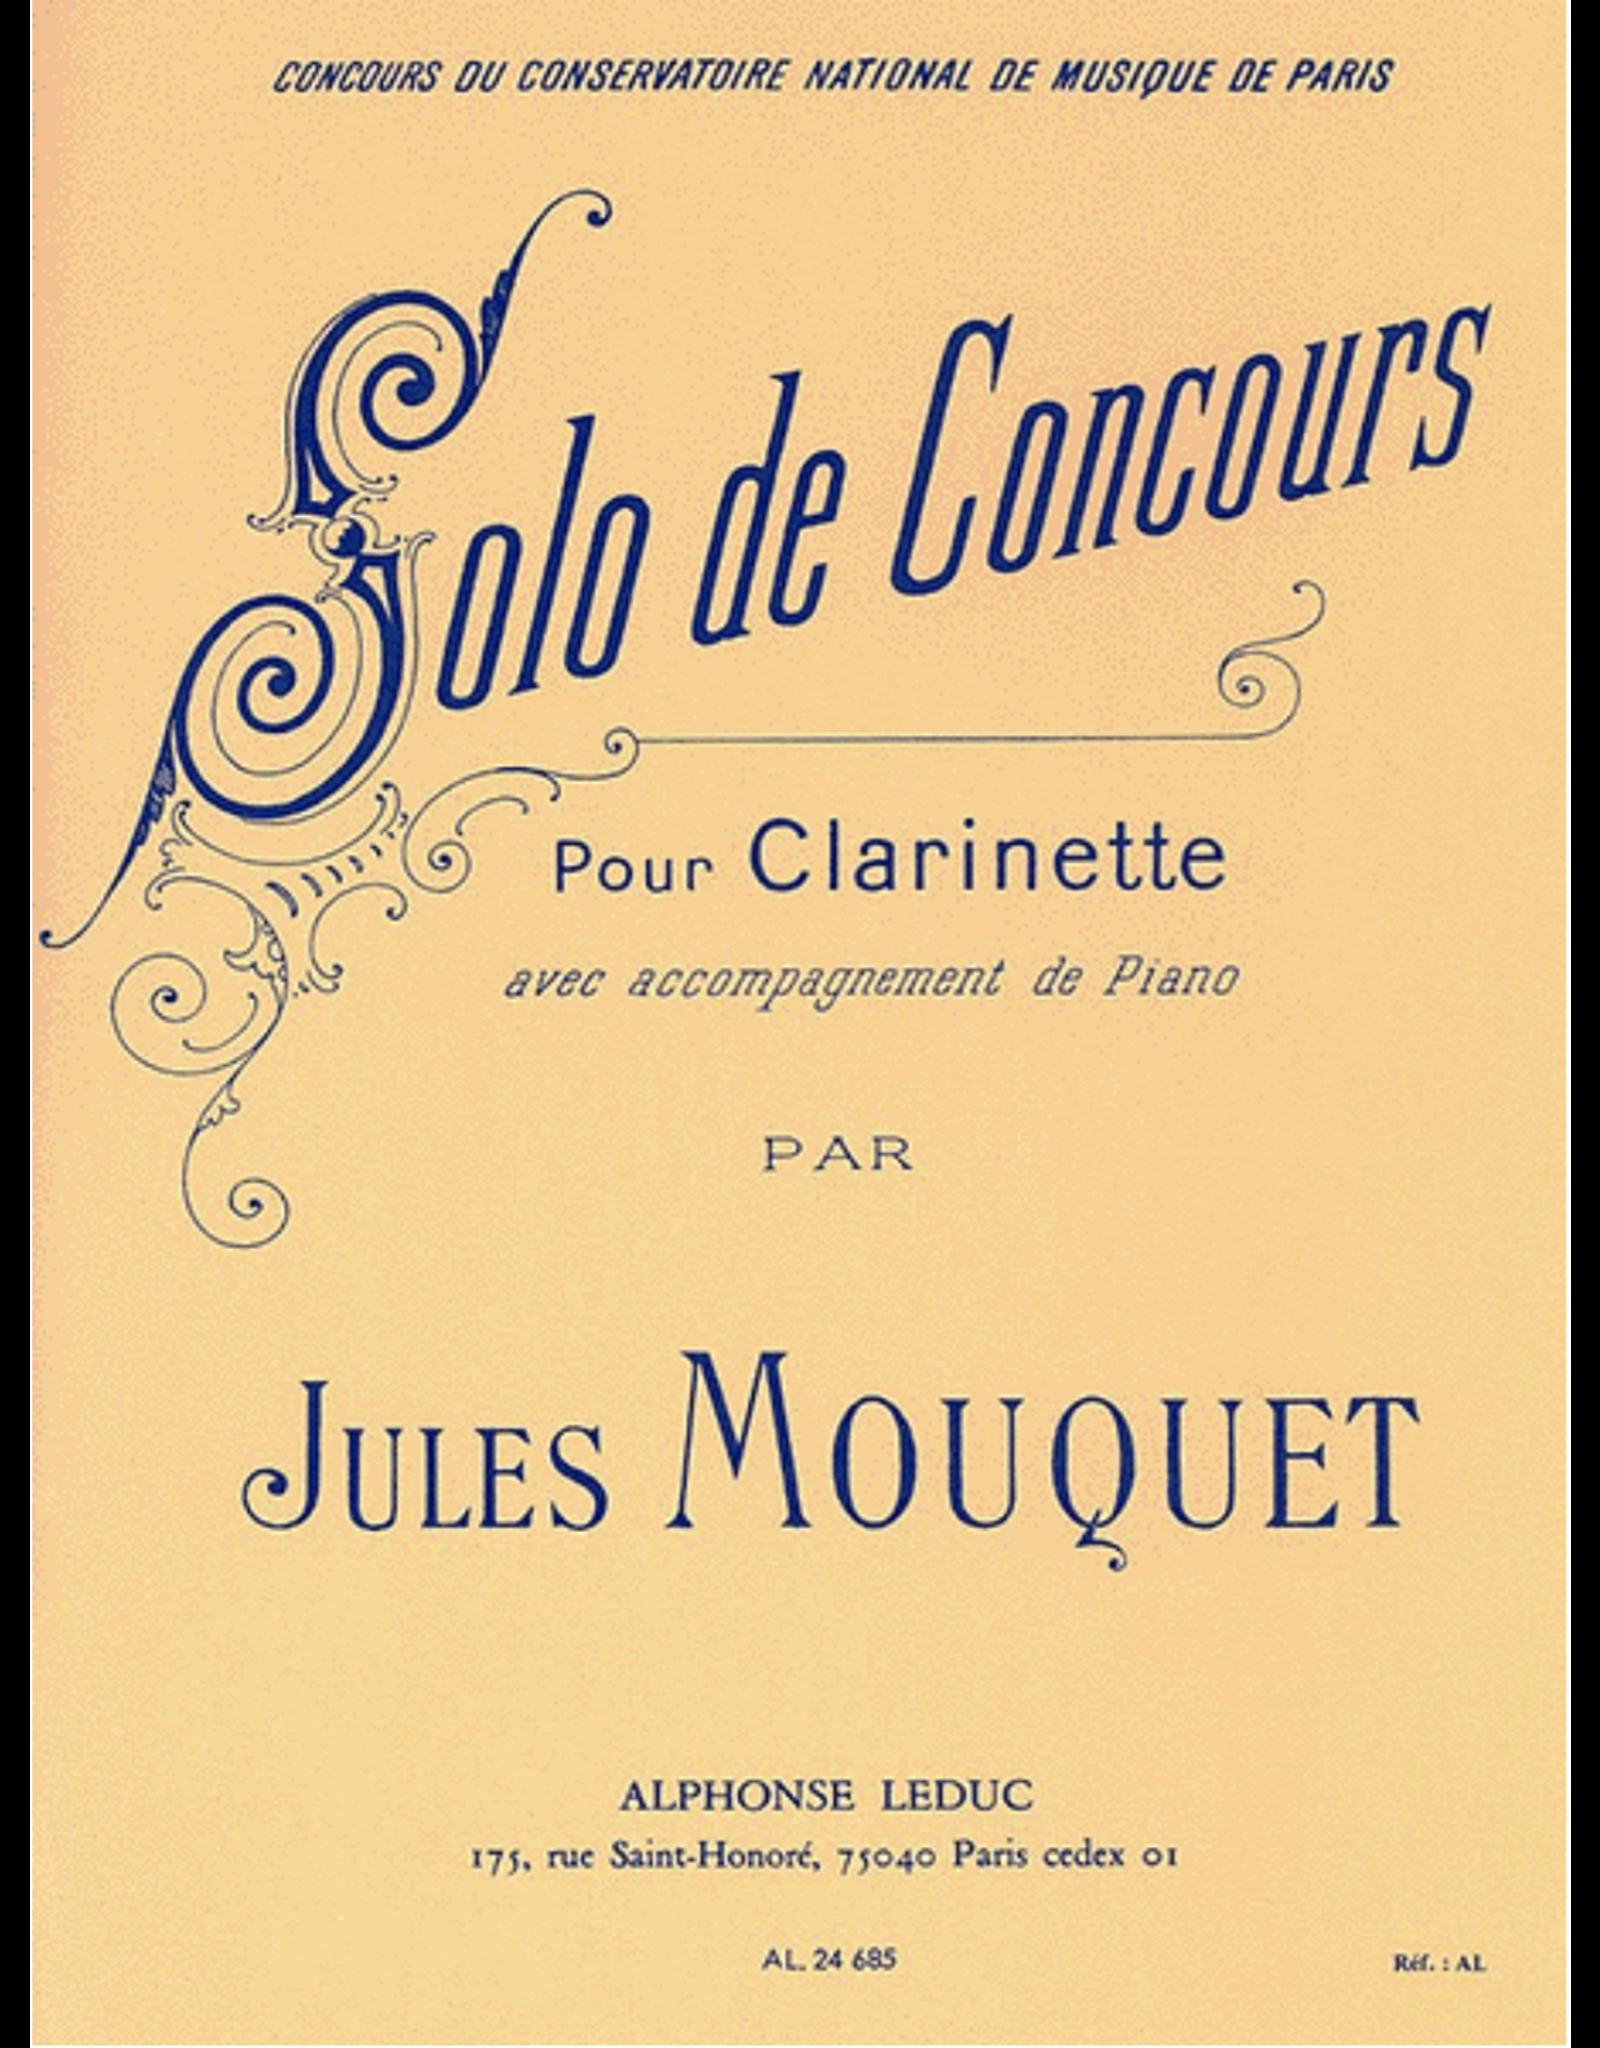 Alphonse Leduc Mouquet Solo de Concours for Clarinet and Piano